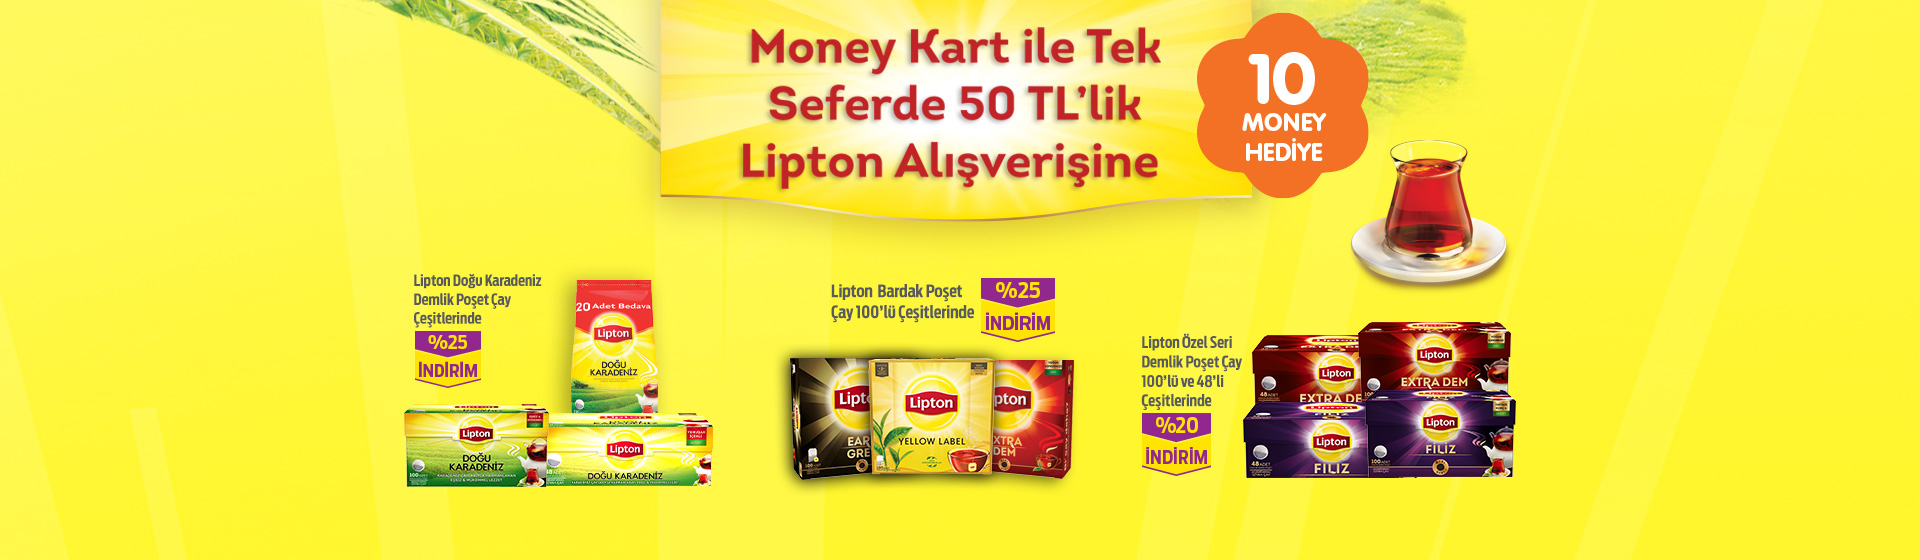 Lipton Money Kampanyası